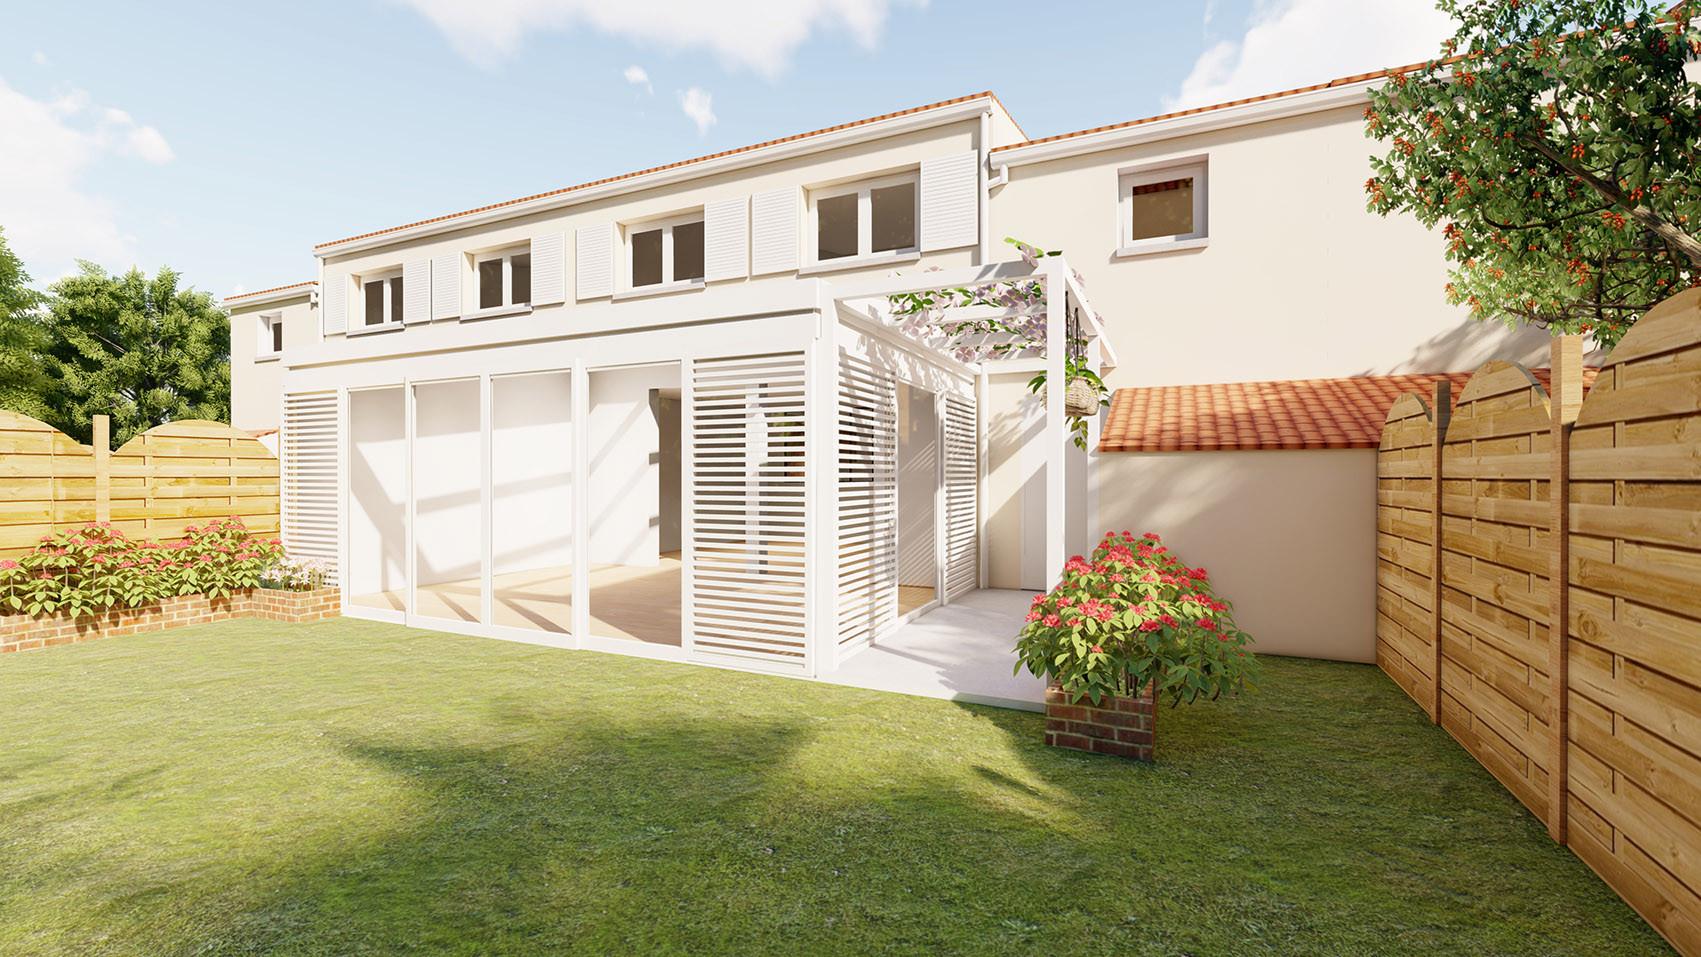 extension veranda architecte un archi da